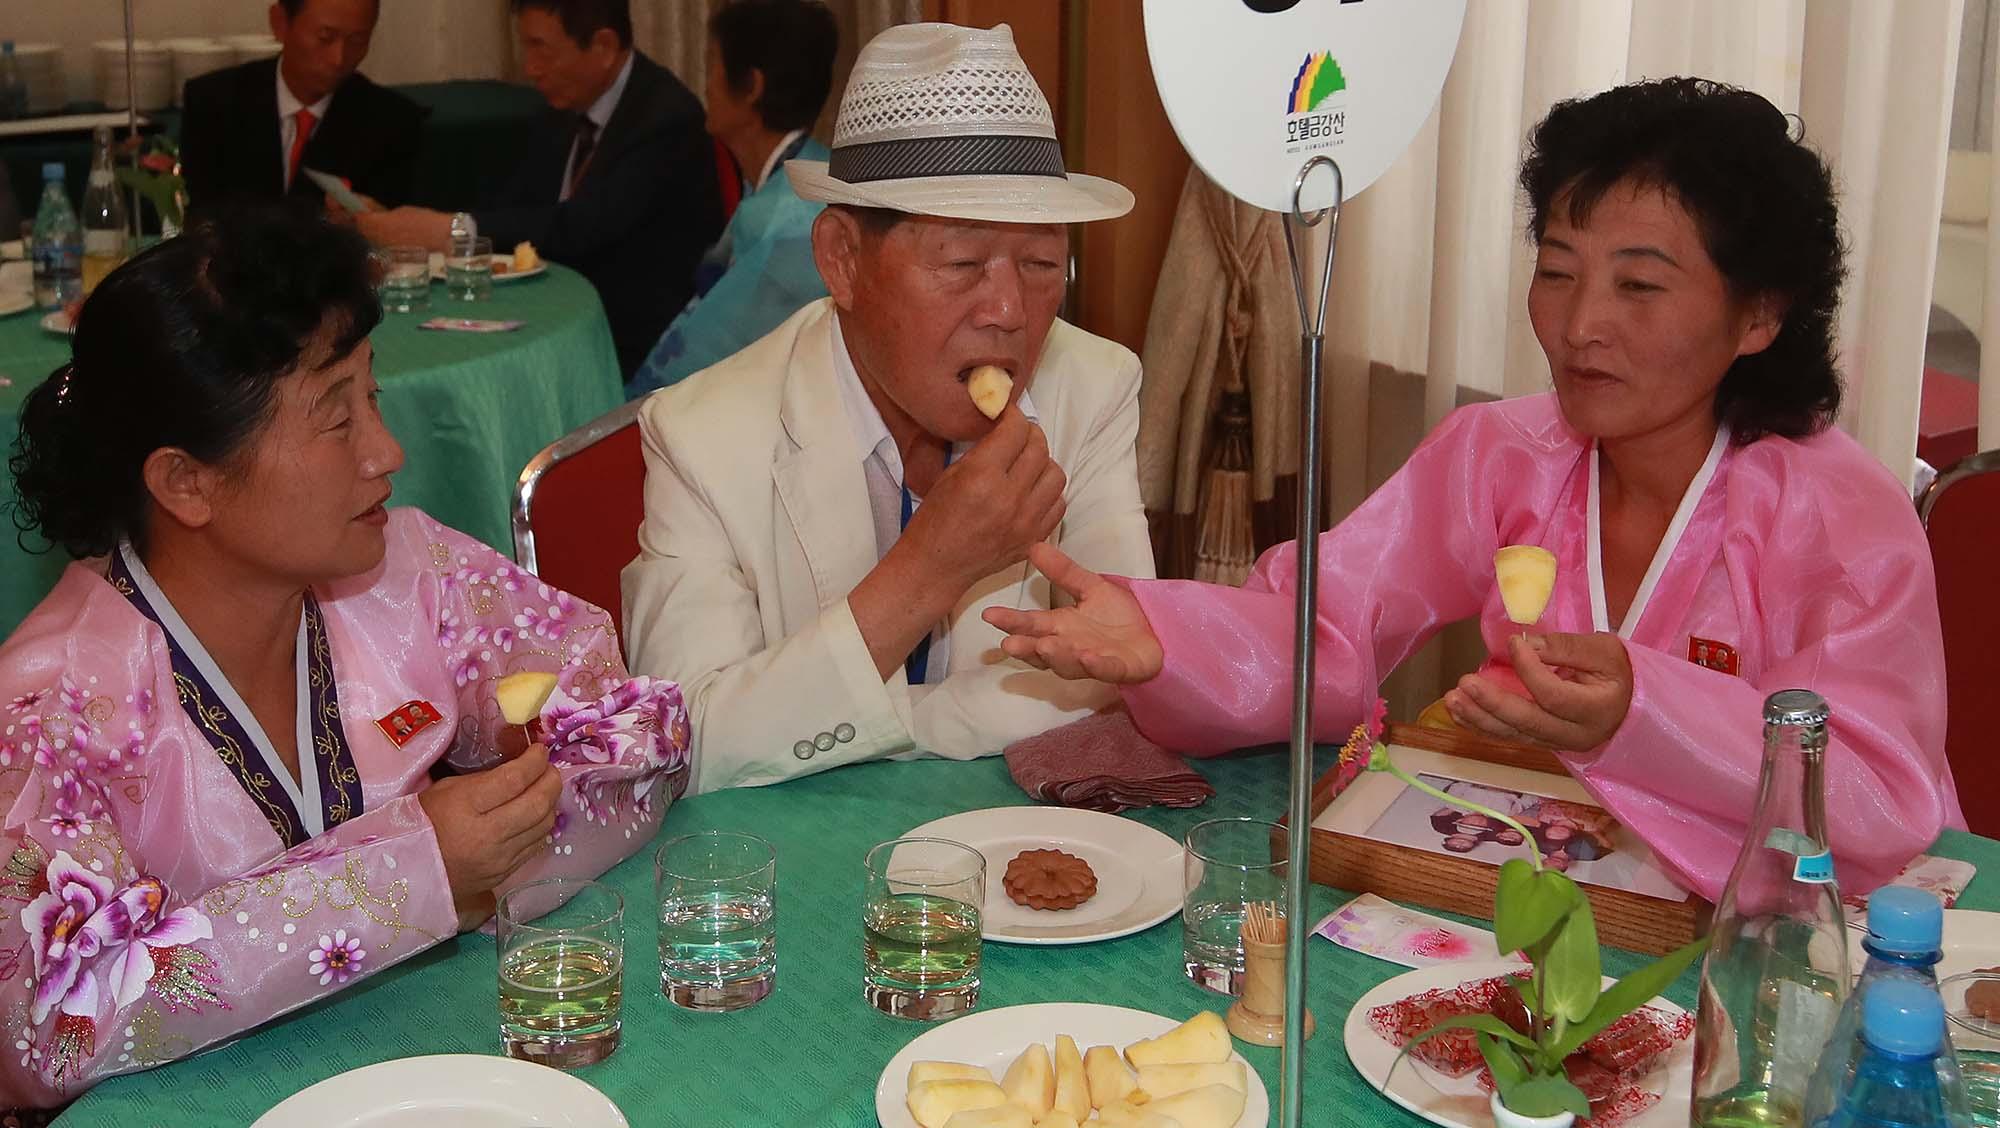 20일 오후 고성 금강산면회소에서 열린 단체상봉에서 남측 최학진(80) 할아버지가 북측에서 온 조카 최용순, 최용복씨와 과일을 먹으며 이야기를 나누고 있다. 사진공동취재단